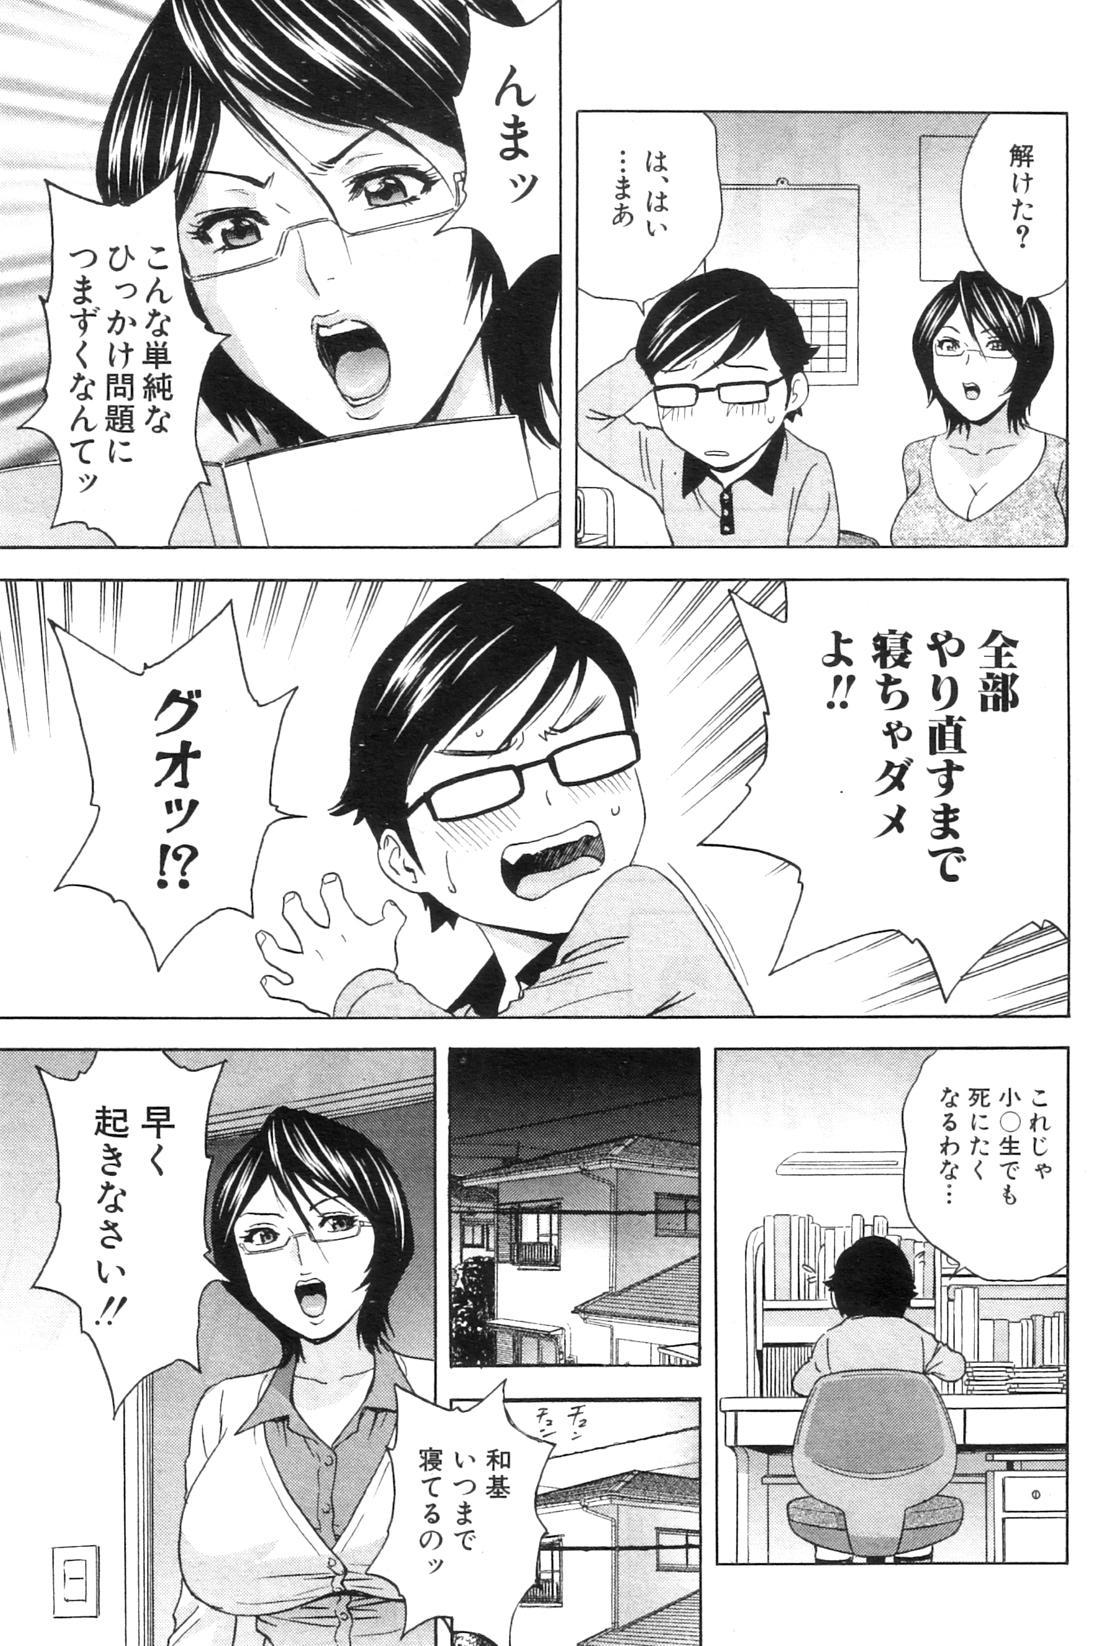 Kodomo ni Natte Okashi Makuru yo! Ch. 1-4 6